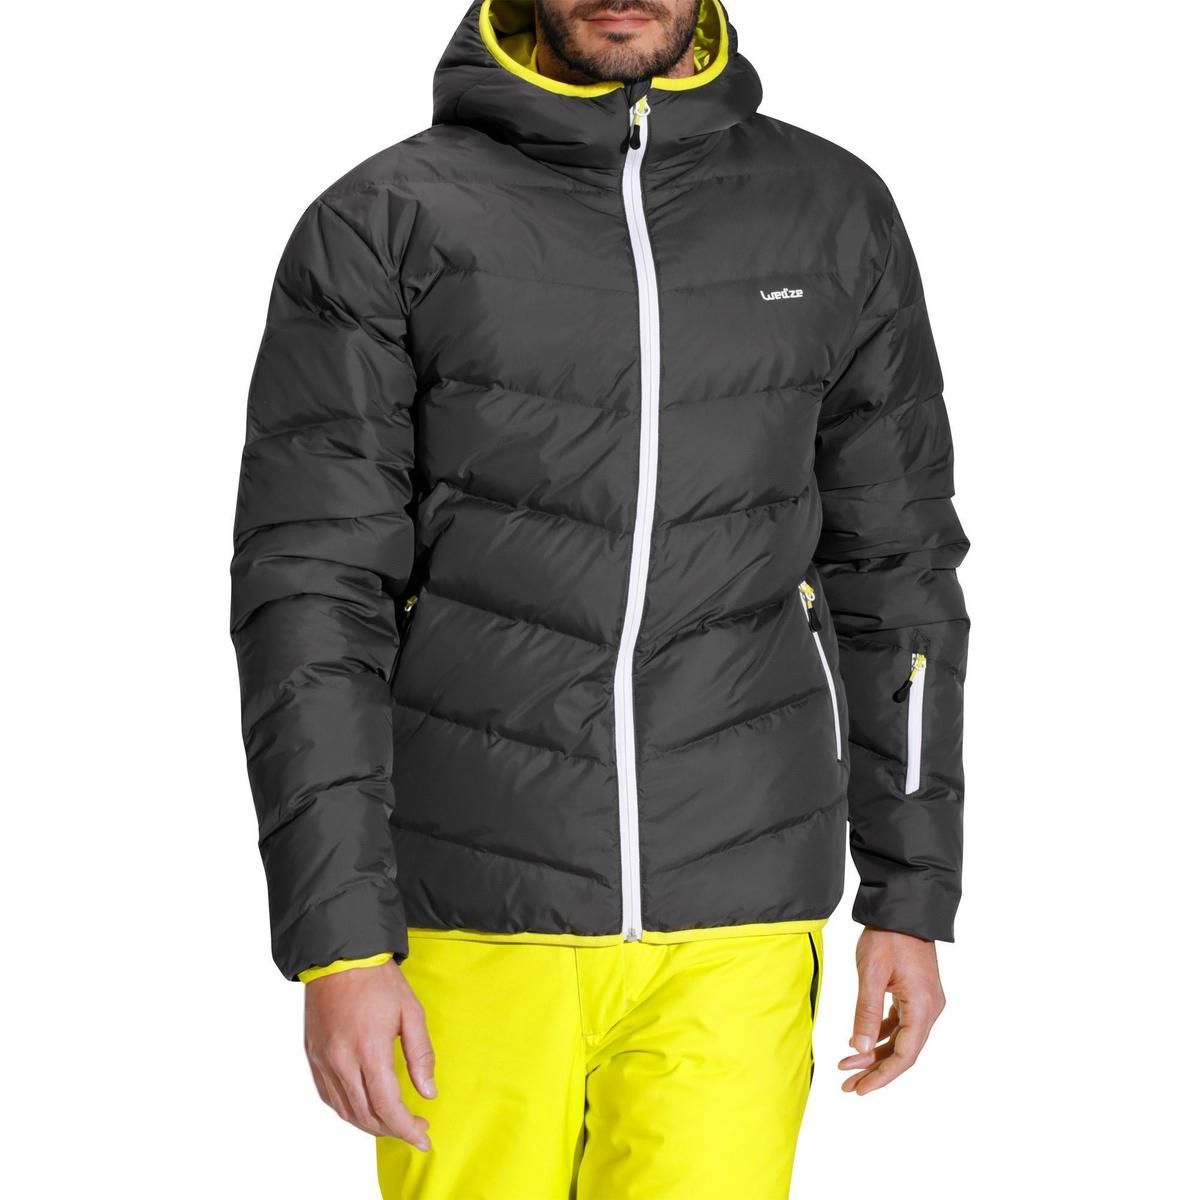 Bild 2 von Skijacke 500 Warm Herren grau